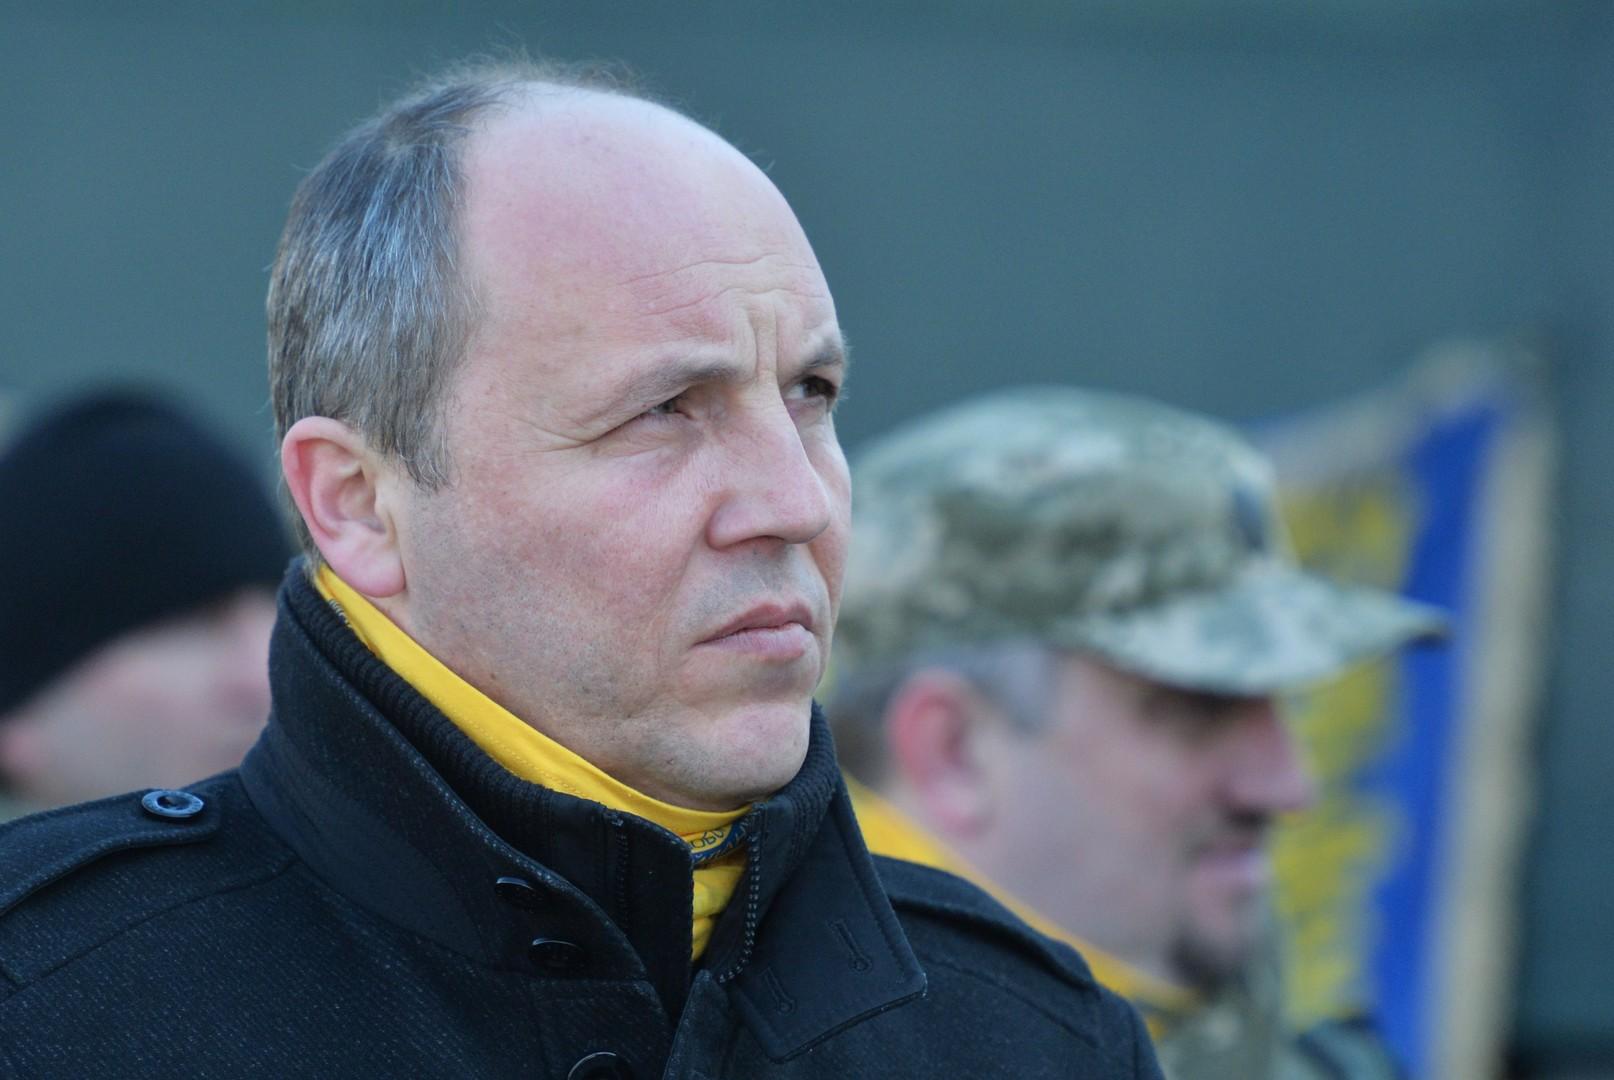 Le nouveau porte-parole de la Rada serait impliqué dans le massacre d'Odessa